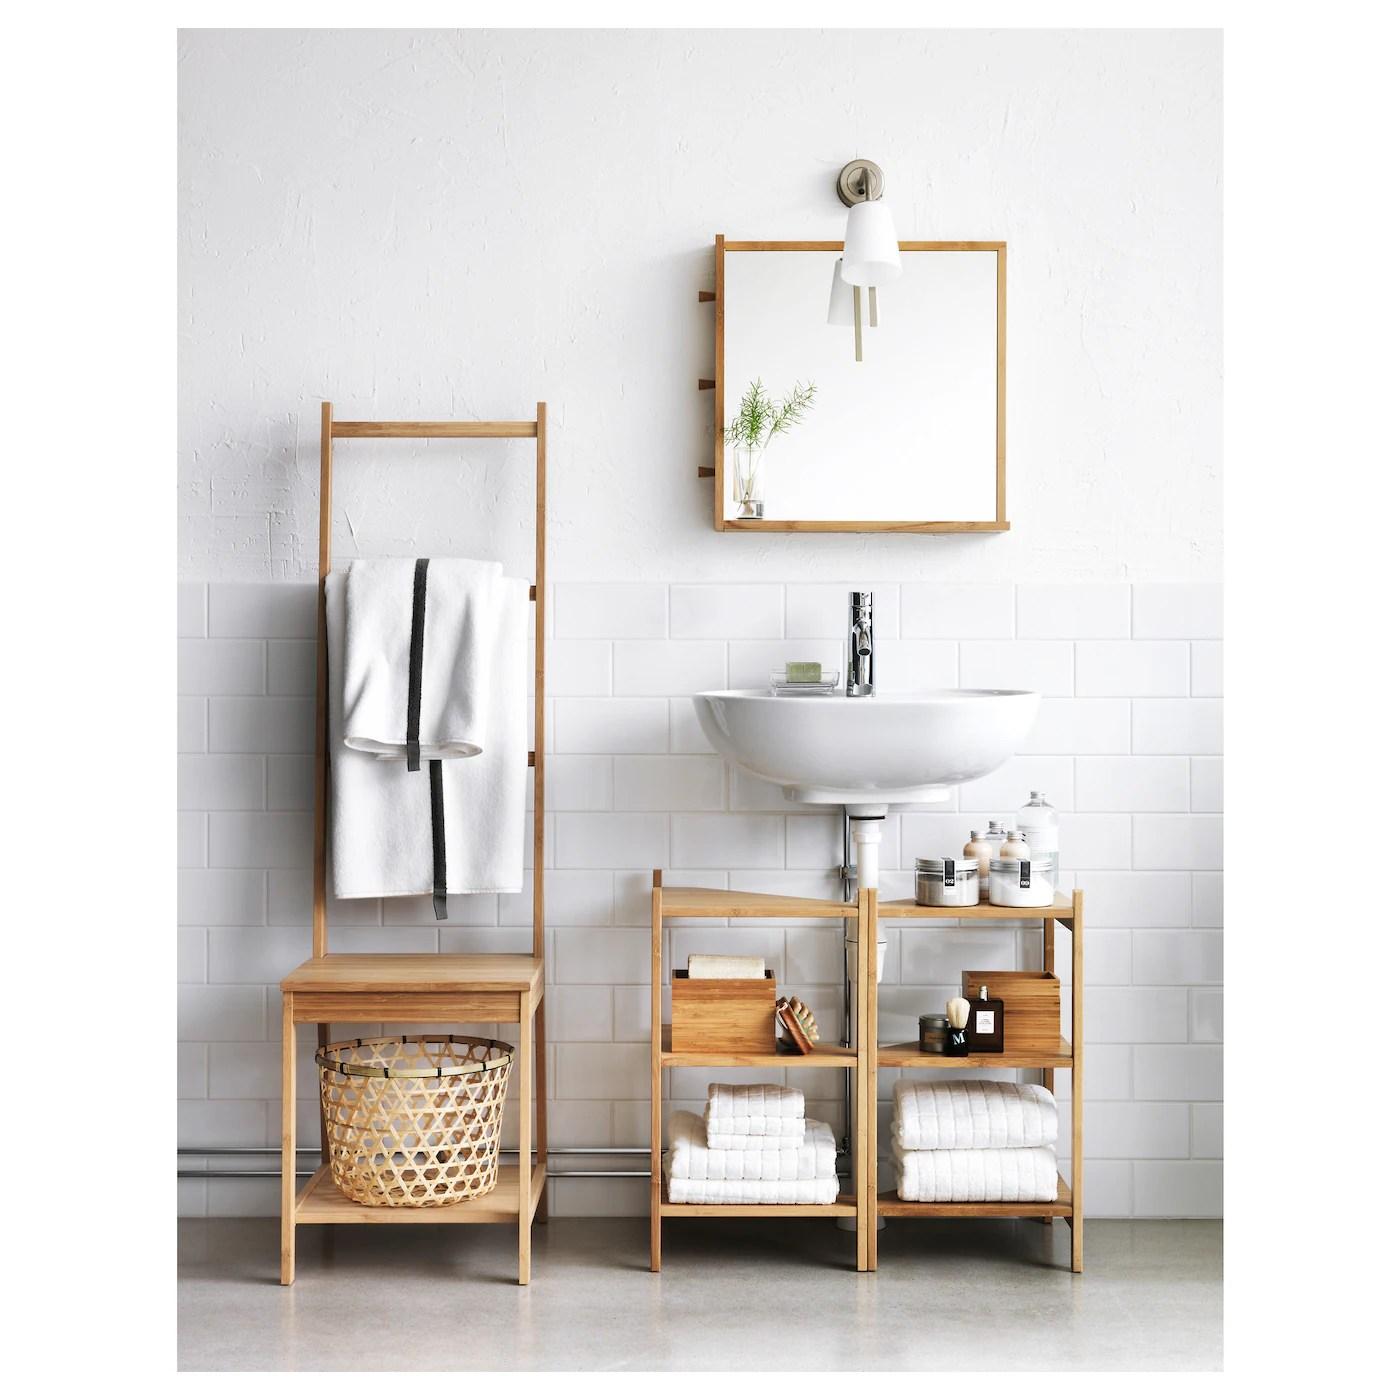 ragrund chaise porte serviettes bambou